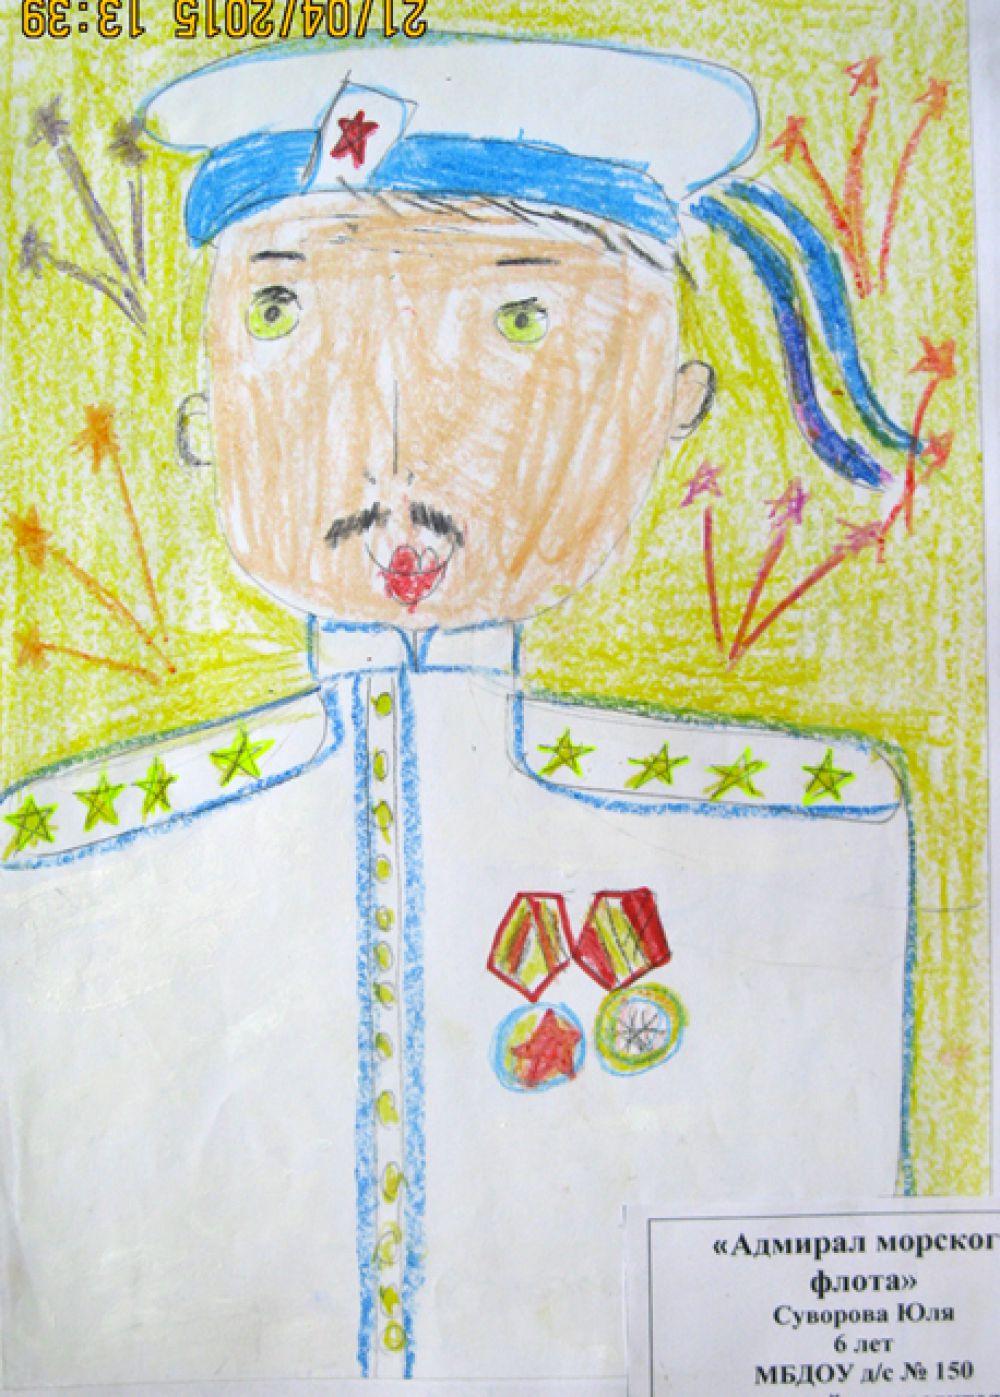 Участник №180. Суворова Юля, детский сад  №150